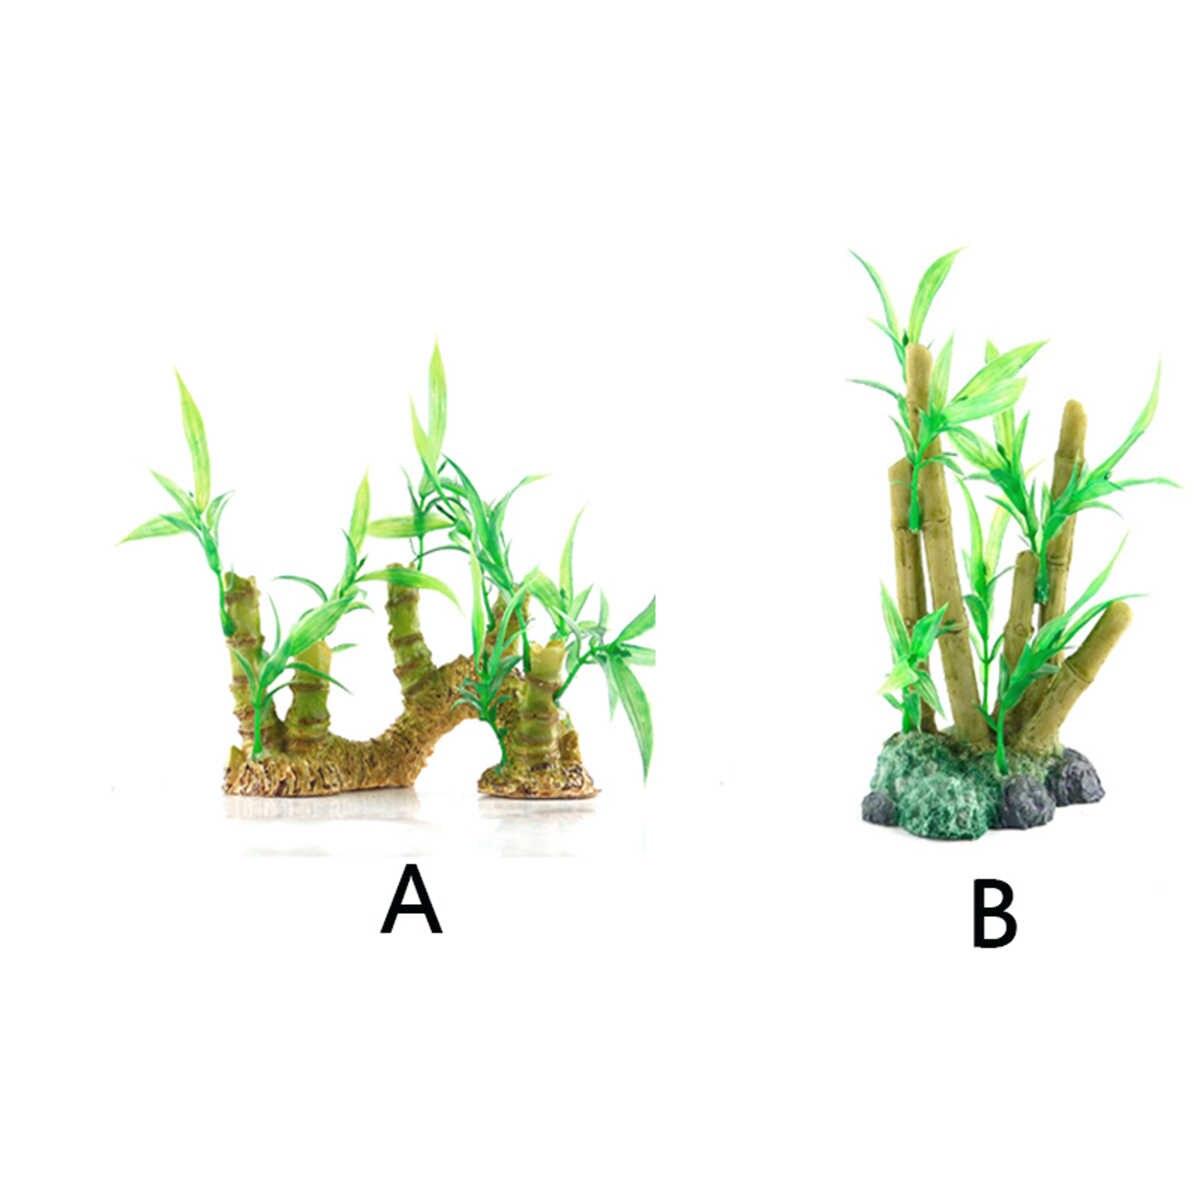 Animal Island Fishbowl Toys Volcanic Live Goldfish Aquarios Fish tank &  Aquatic Turtle For The Aquarium Decoration Accessories